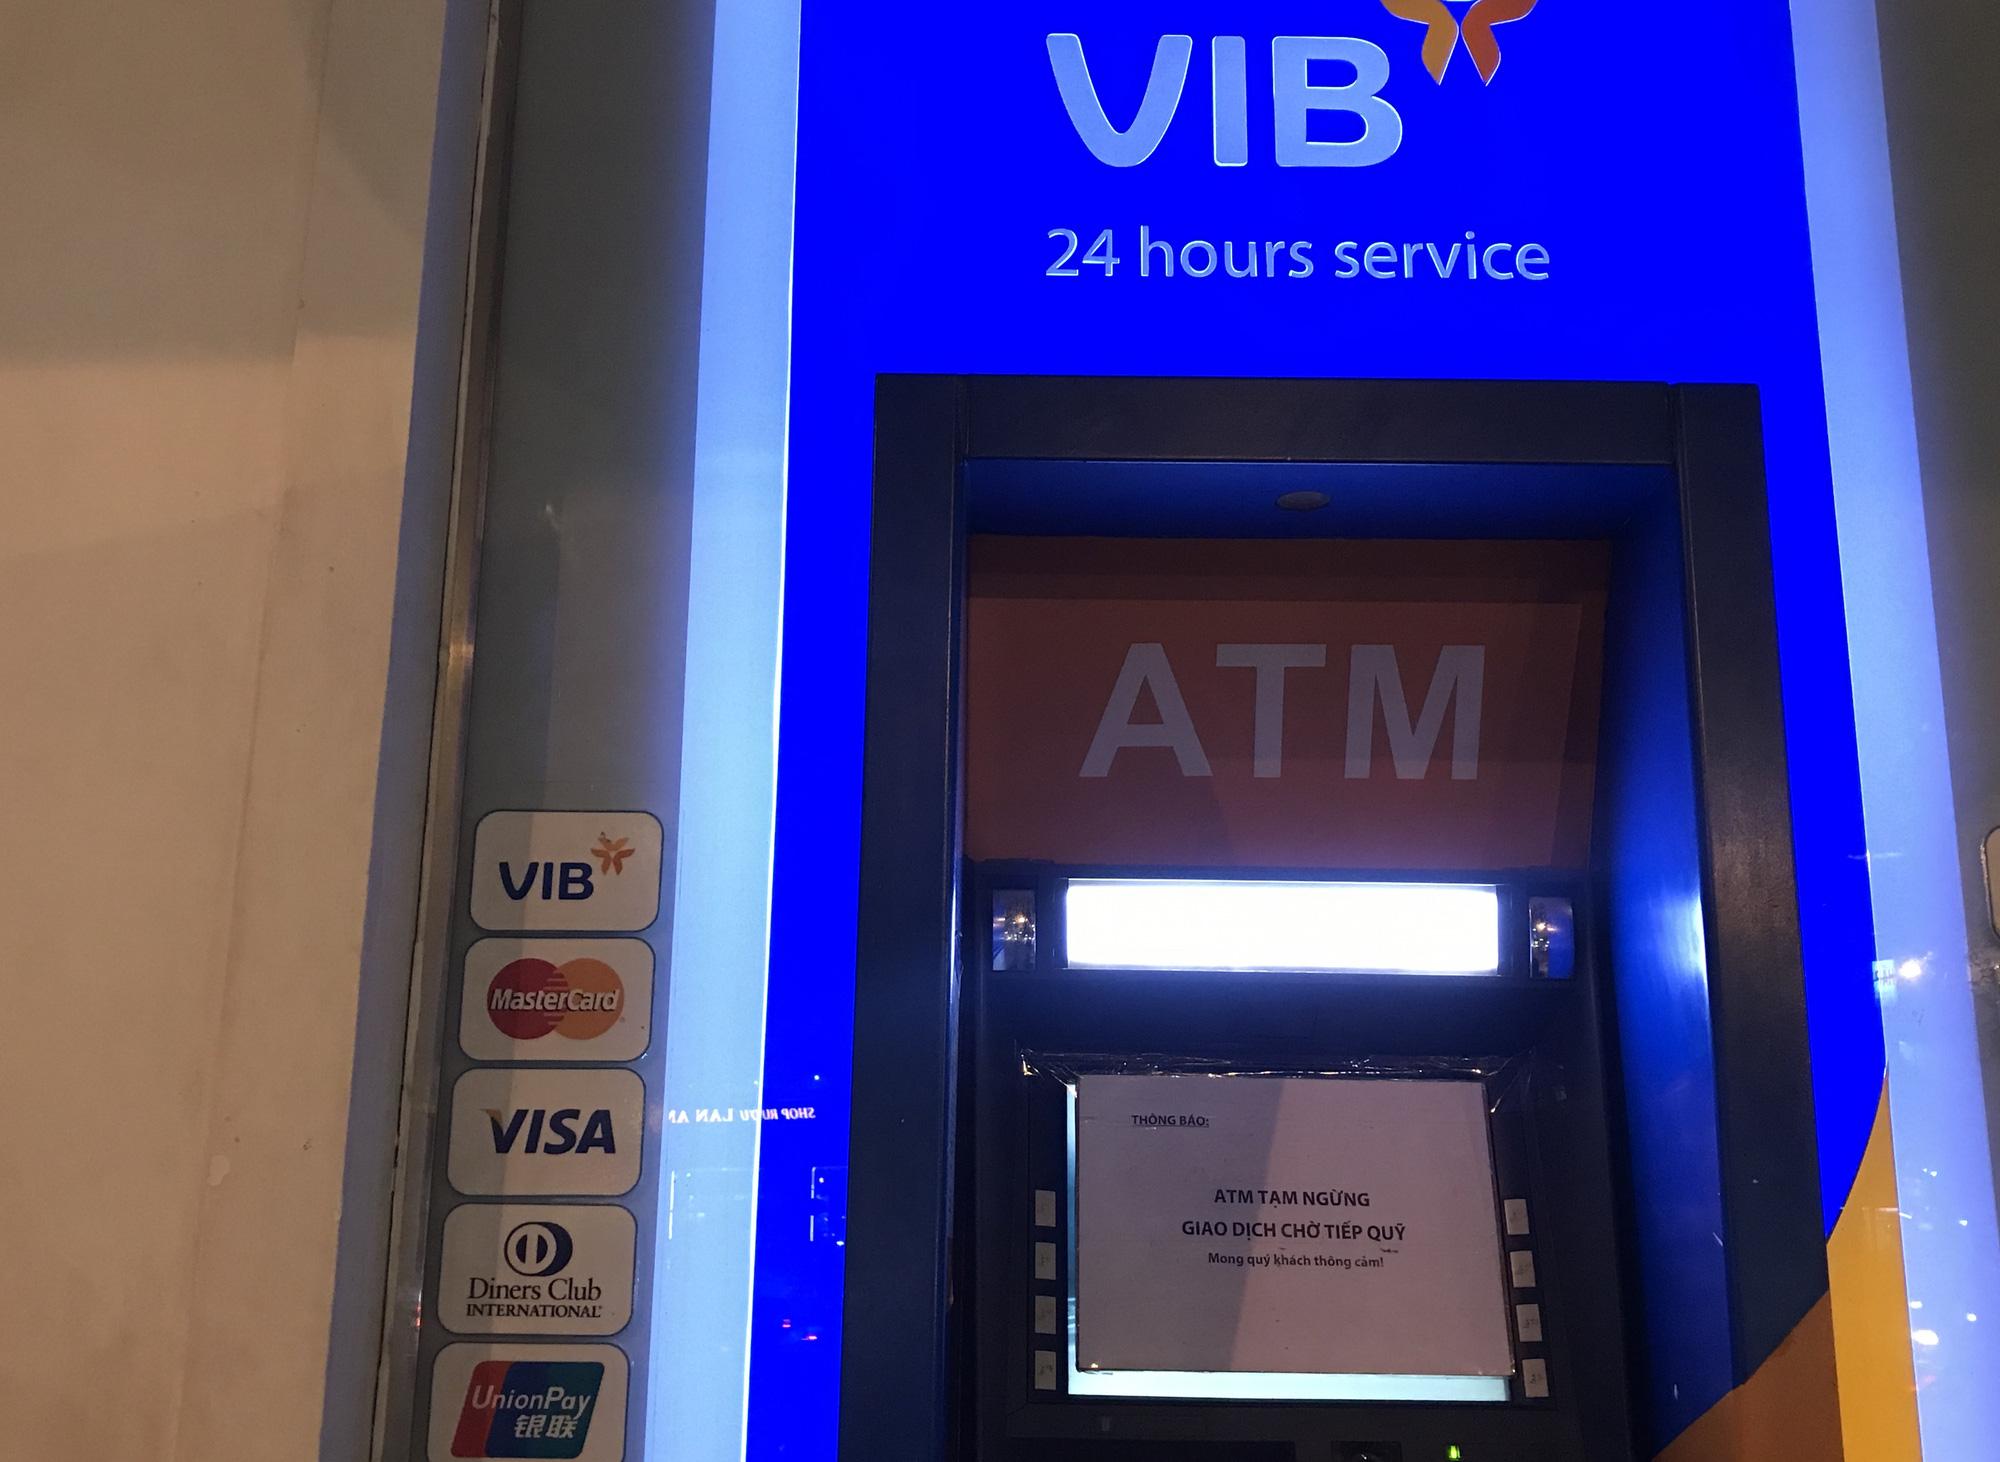 ATM tại Sài Gòn đồng loạt nghỉ Tết, chạy cả đêm vẫn không rút được tiền lương, thưởng để về quê - Ảnh 3.